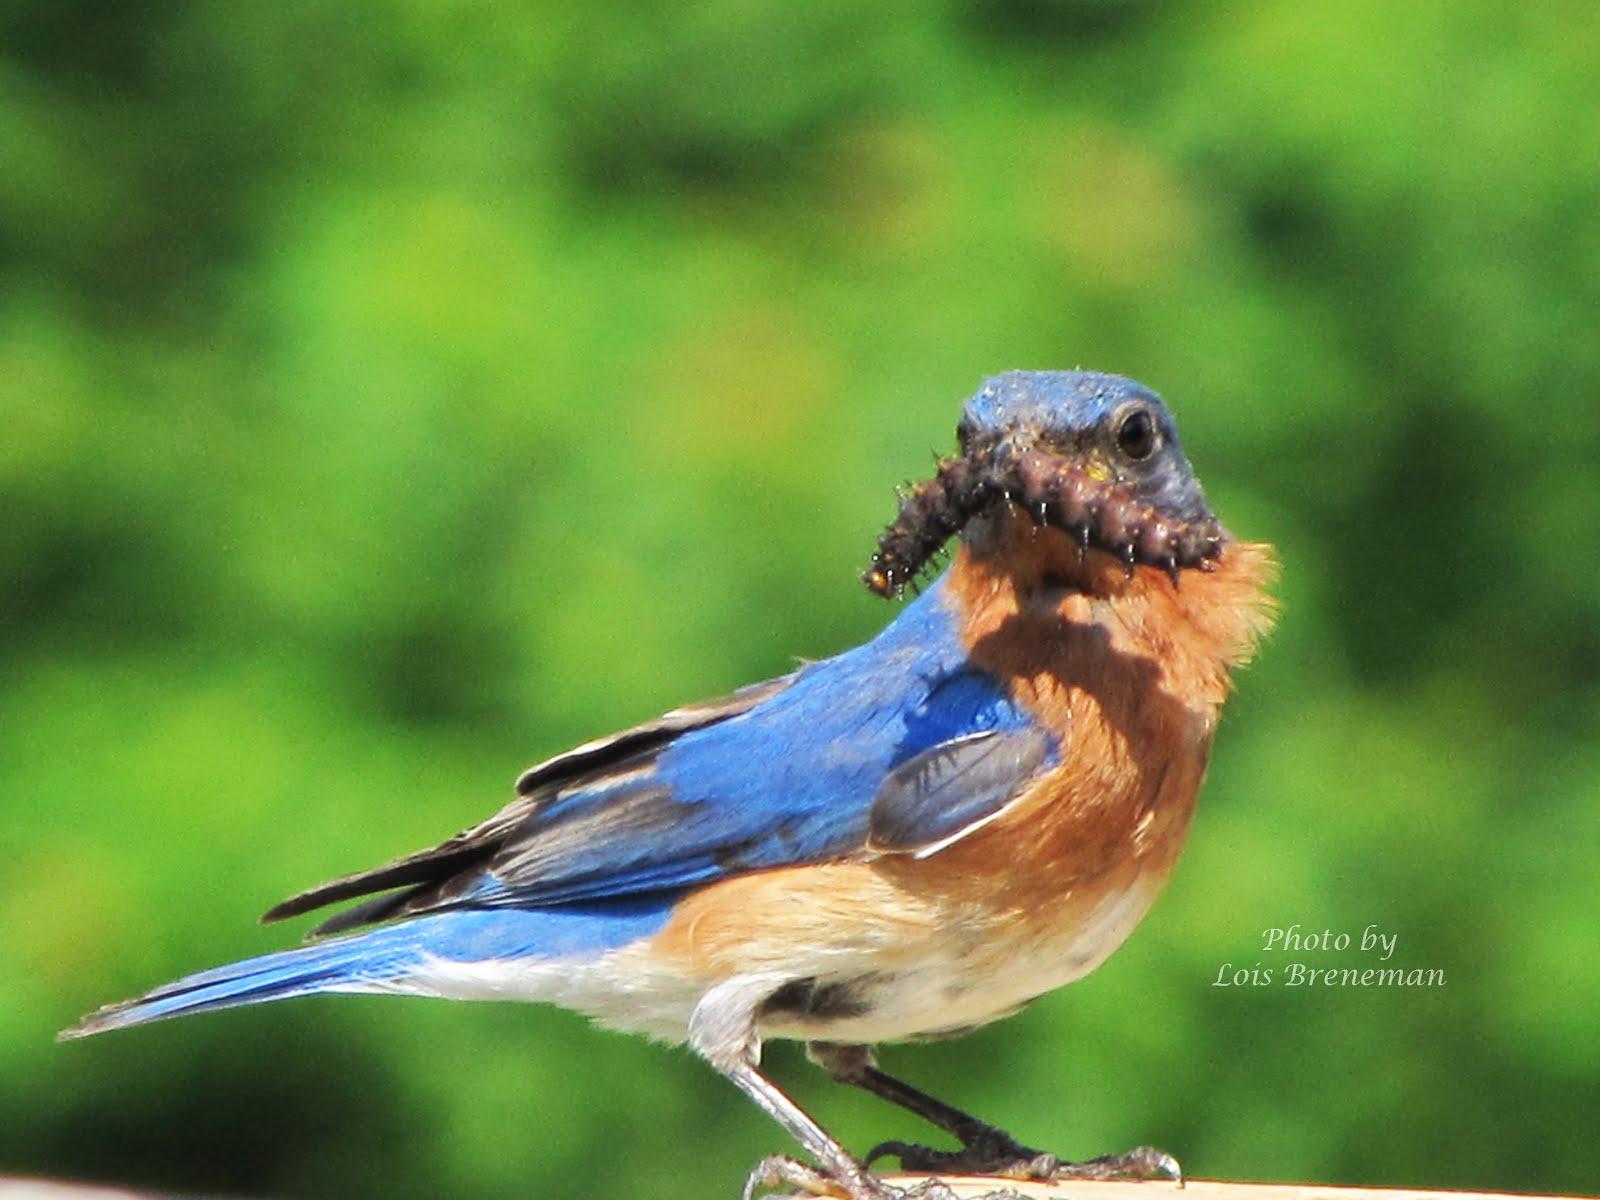 Dinner for a Bluebird!